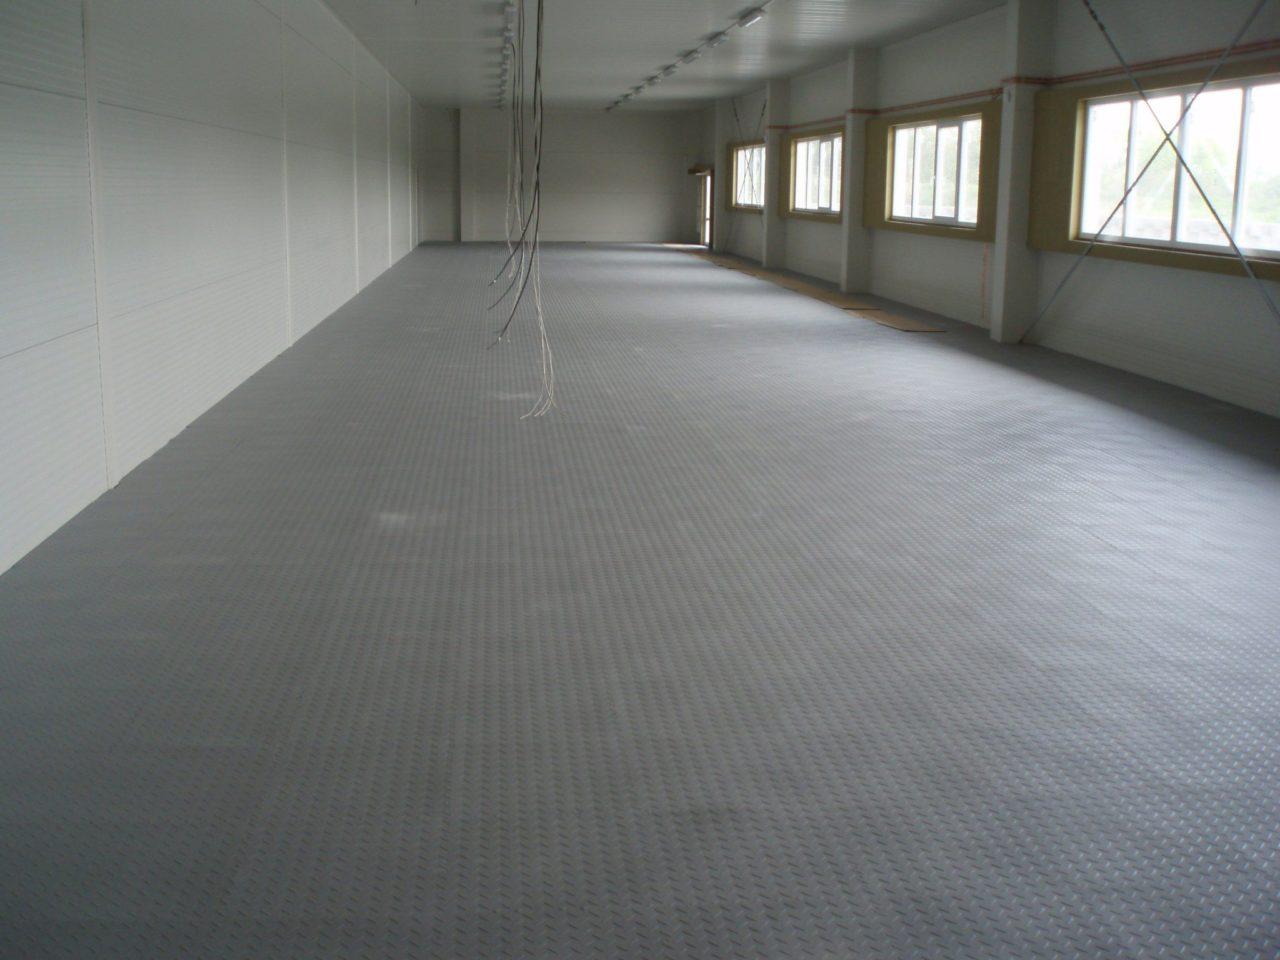 Fußboden Verlegen Englisch ~ Pvc industrieboden industriefußboden fugenlos als